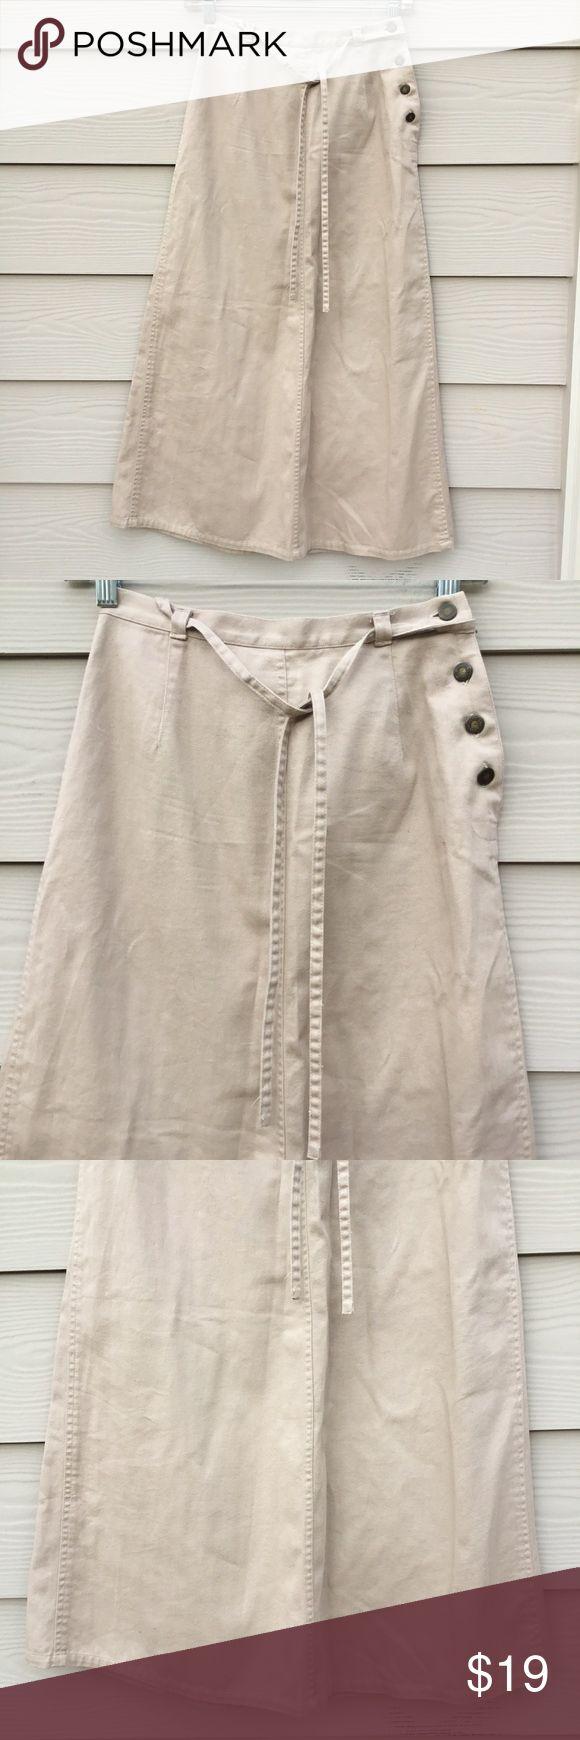 """Liz Claiborne Beige Maxi Skirt Size Petites 0 ⭐ Size Petite 0, measurements laying flat : length 33"""", waist 12.5"""" ⭐ 100% cotton Liz Claiborne Skirts Maxi"""